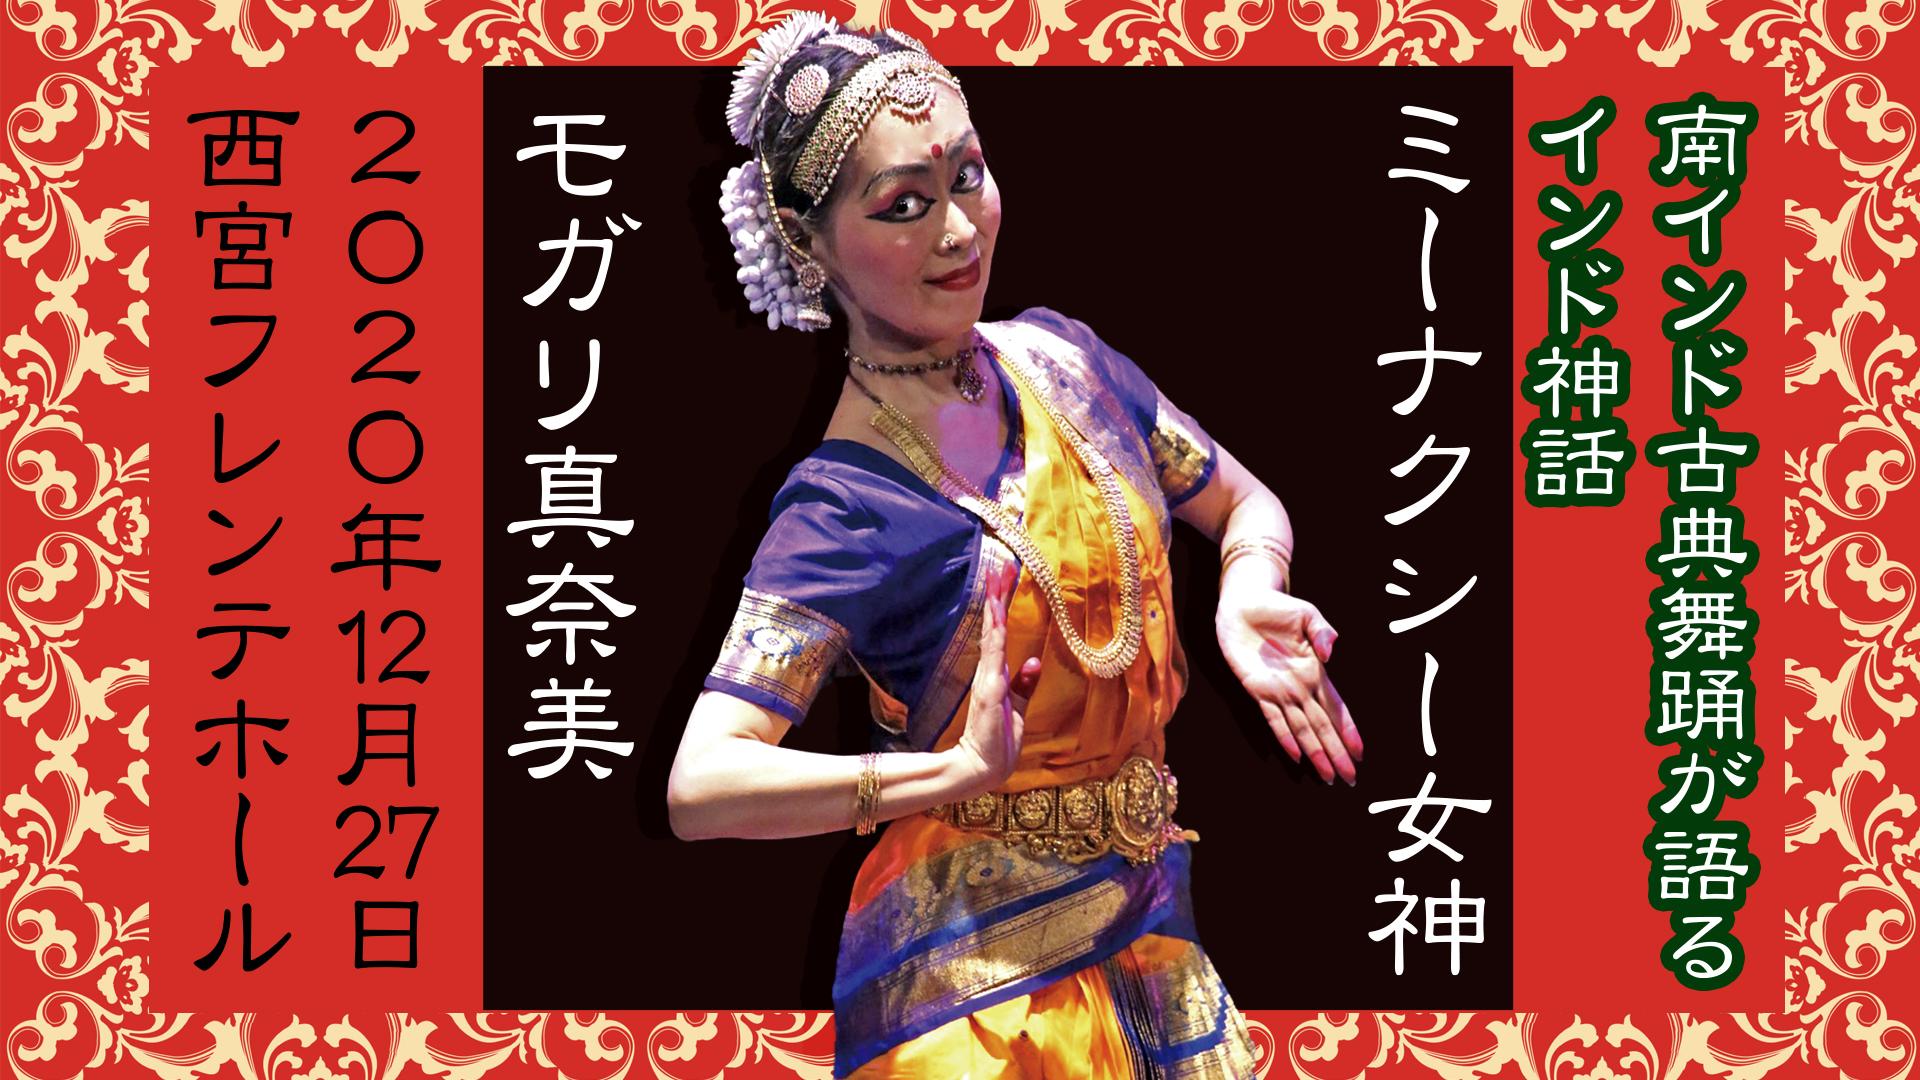 ミーナクシー女神-モガリ真奈美公演動画